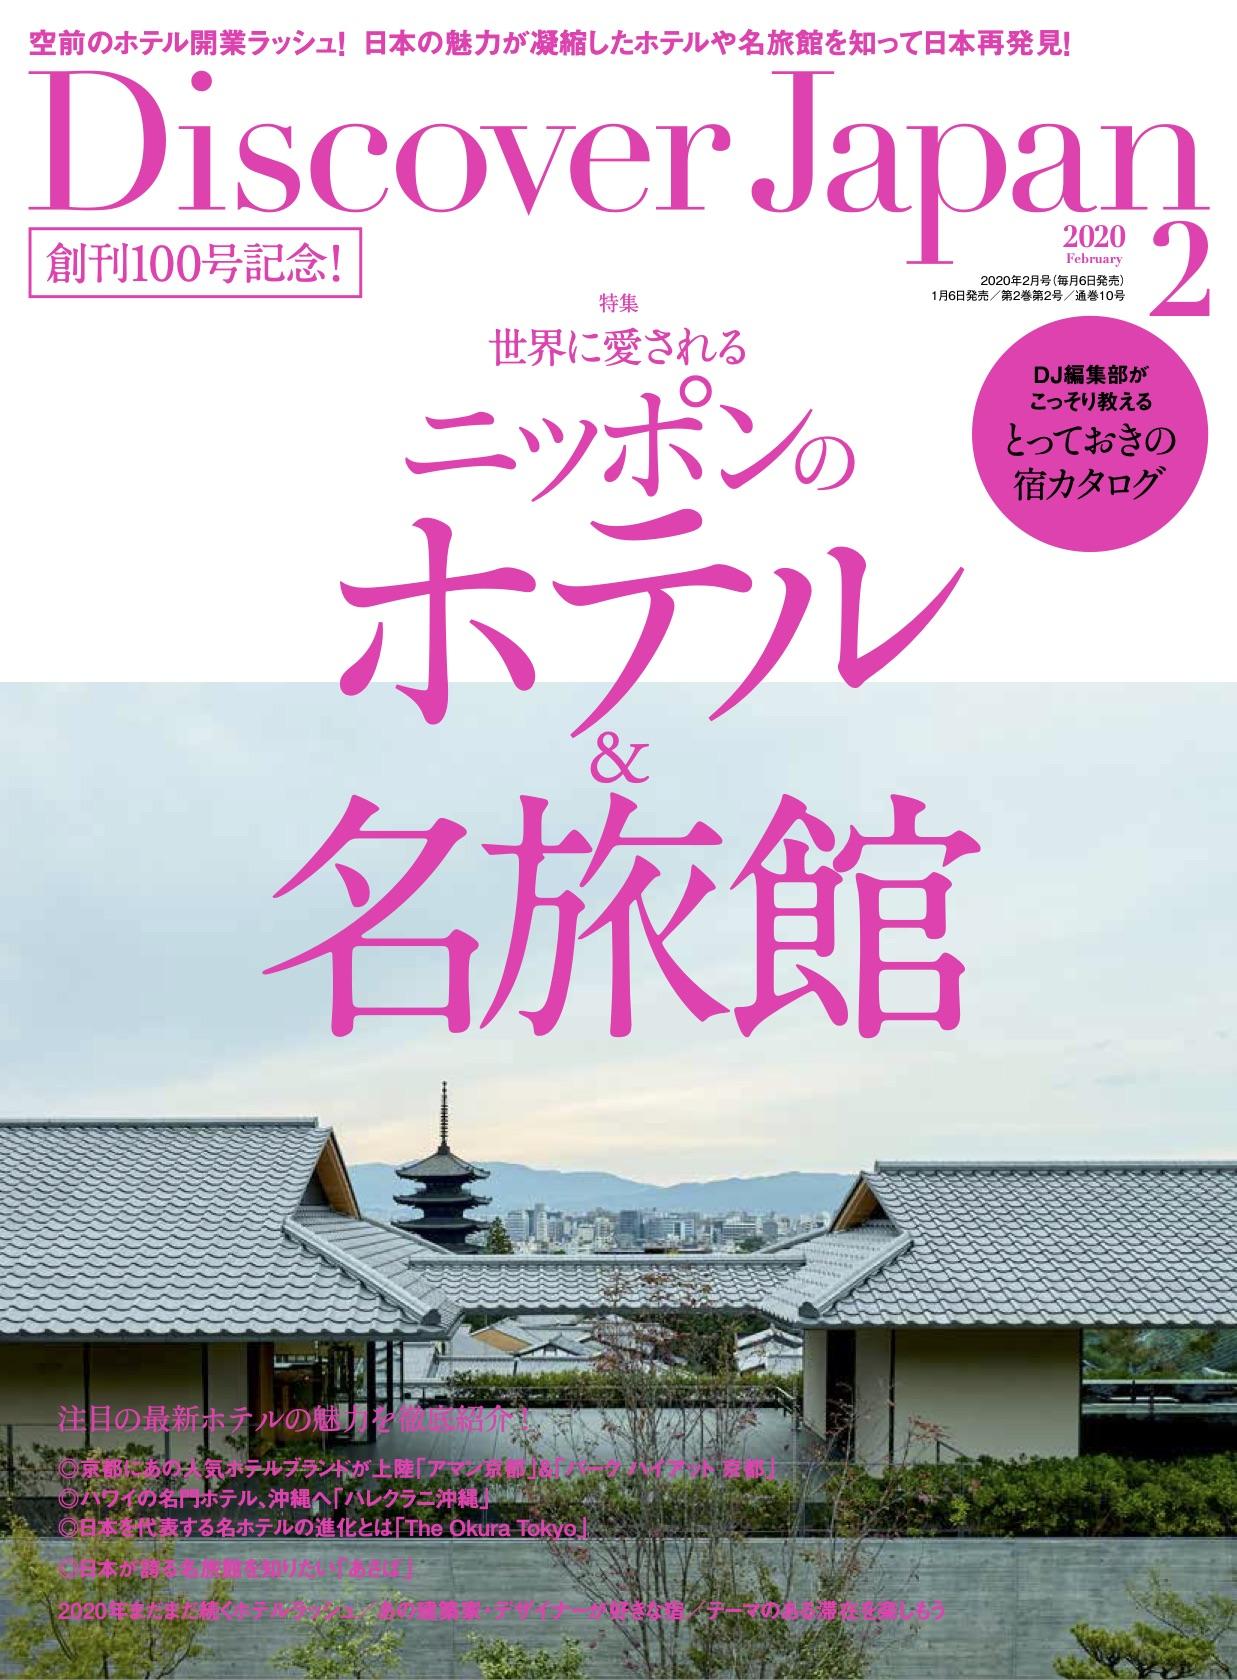 『Discover Japan 2月号』にIWATA寝具が掲載されました。